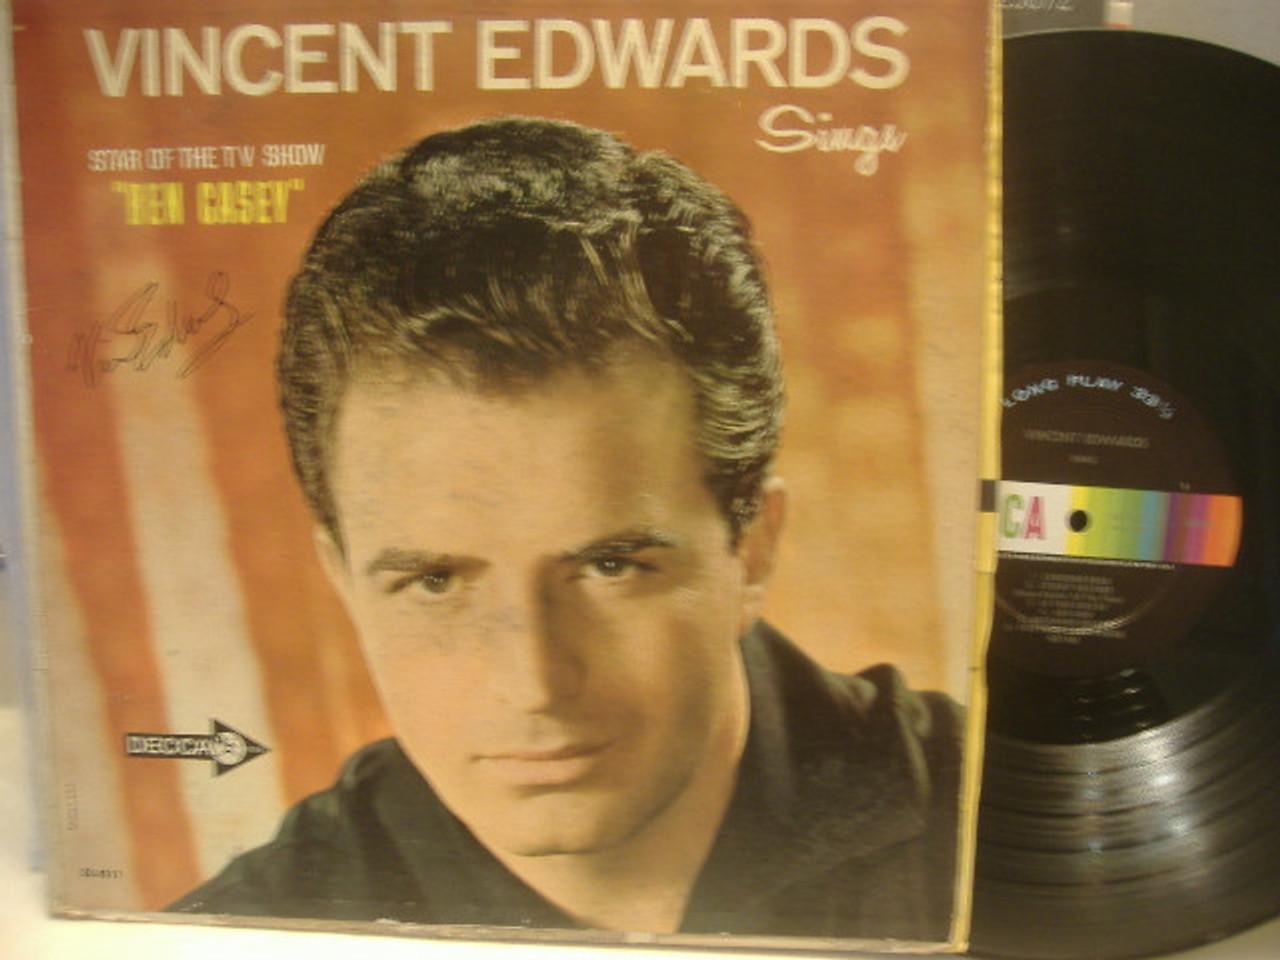 Edwards, Vince Vincent Sings LP Signed Ben Casey